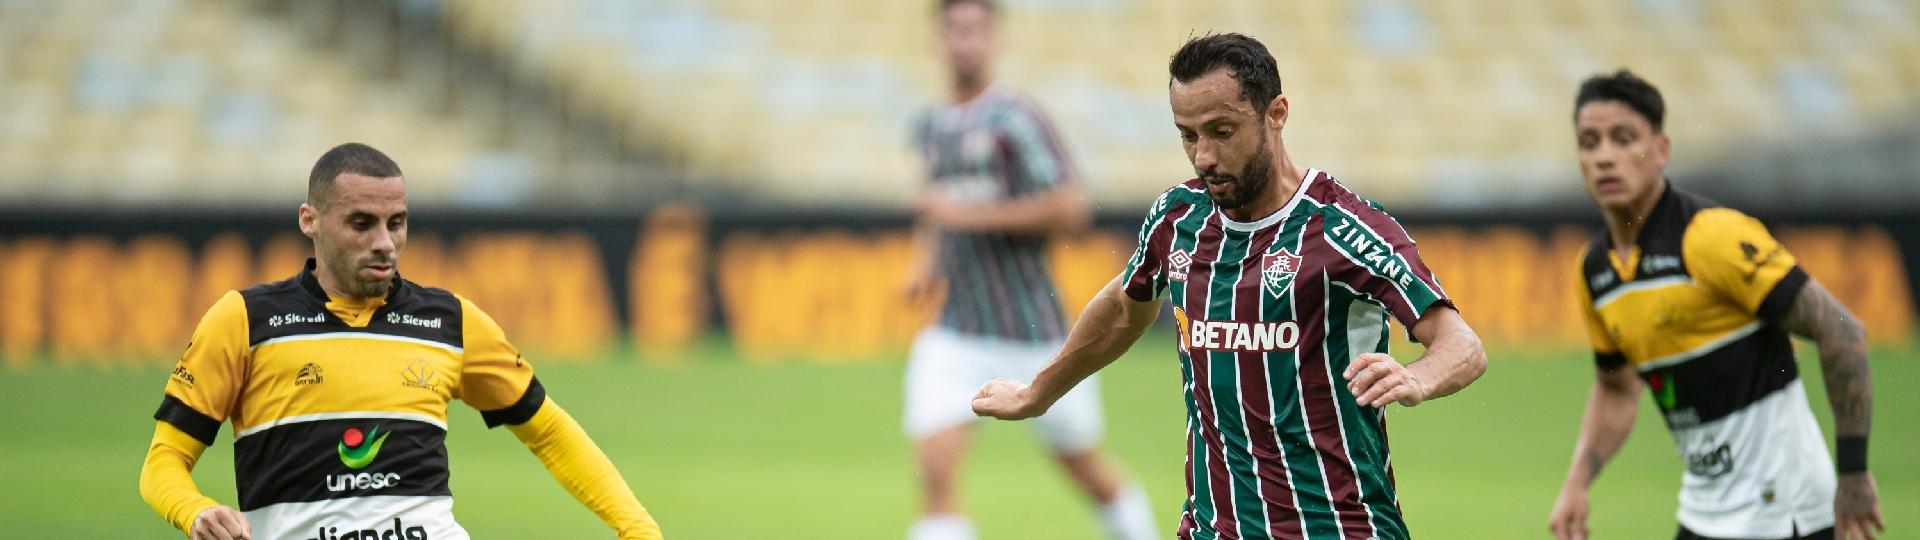 Nenê conduz a bola no jogo de volta das oitavas de final da Copa do Brasil, entre Fluminense e Criciúma